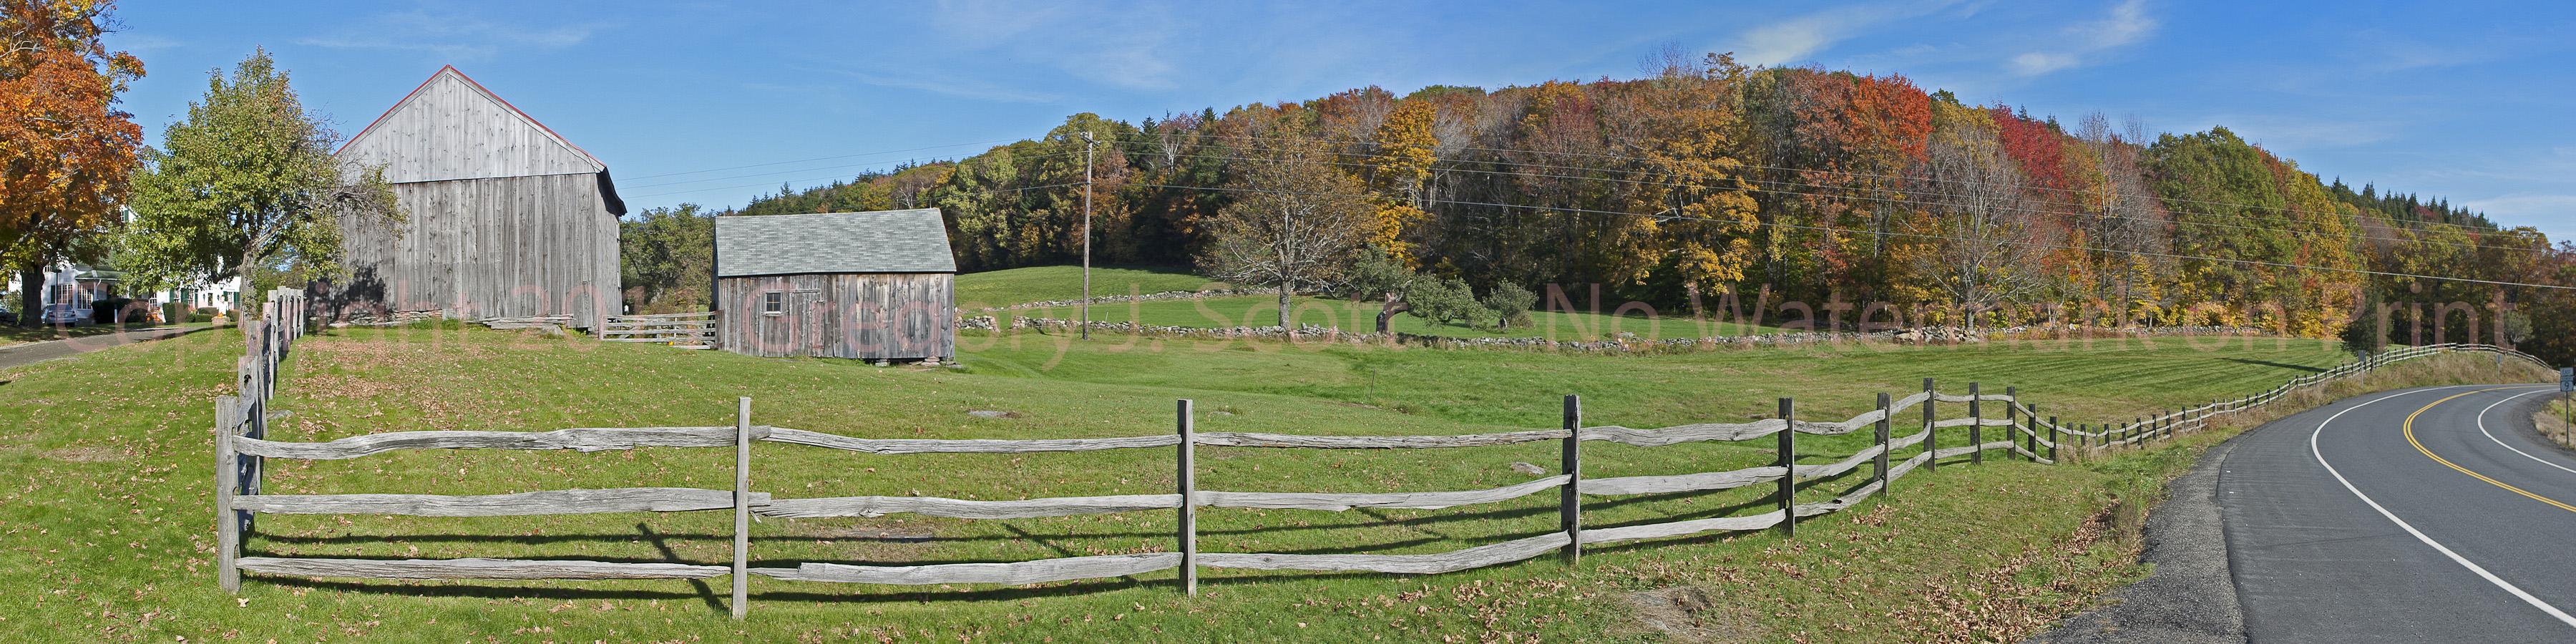 Farm With Split Rail Fence Copyright 2011 Gregory J Scott